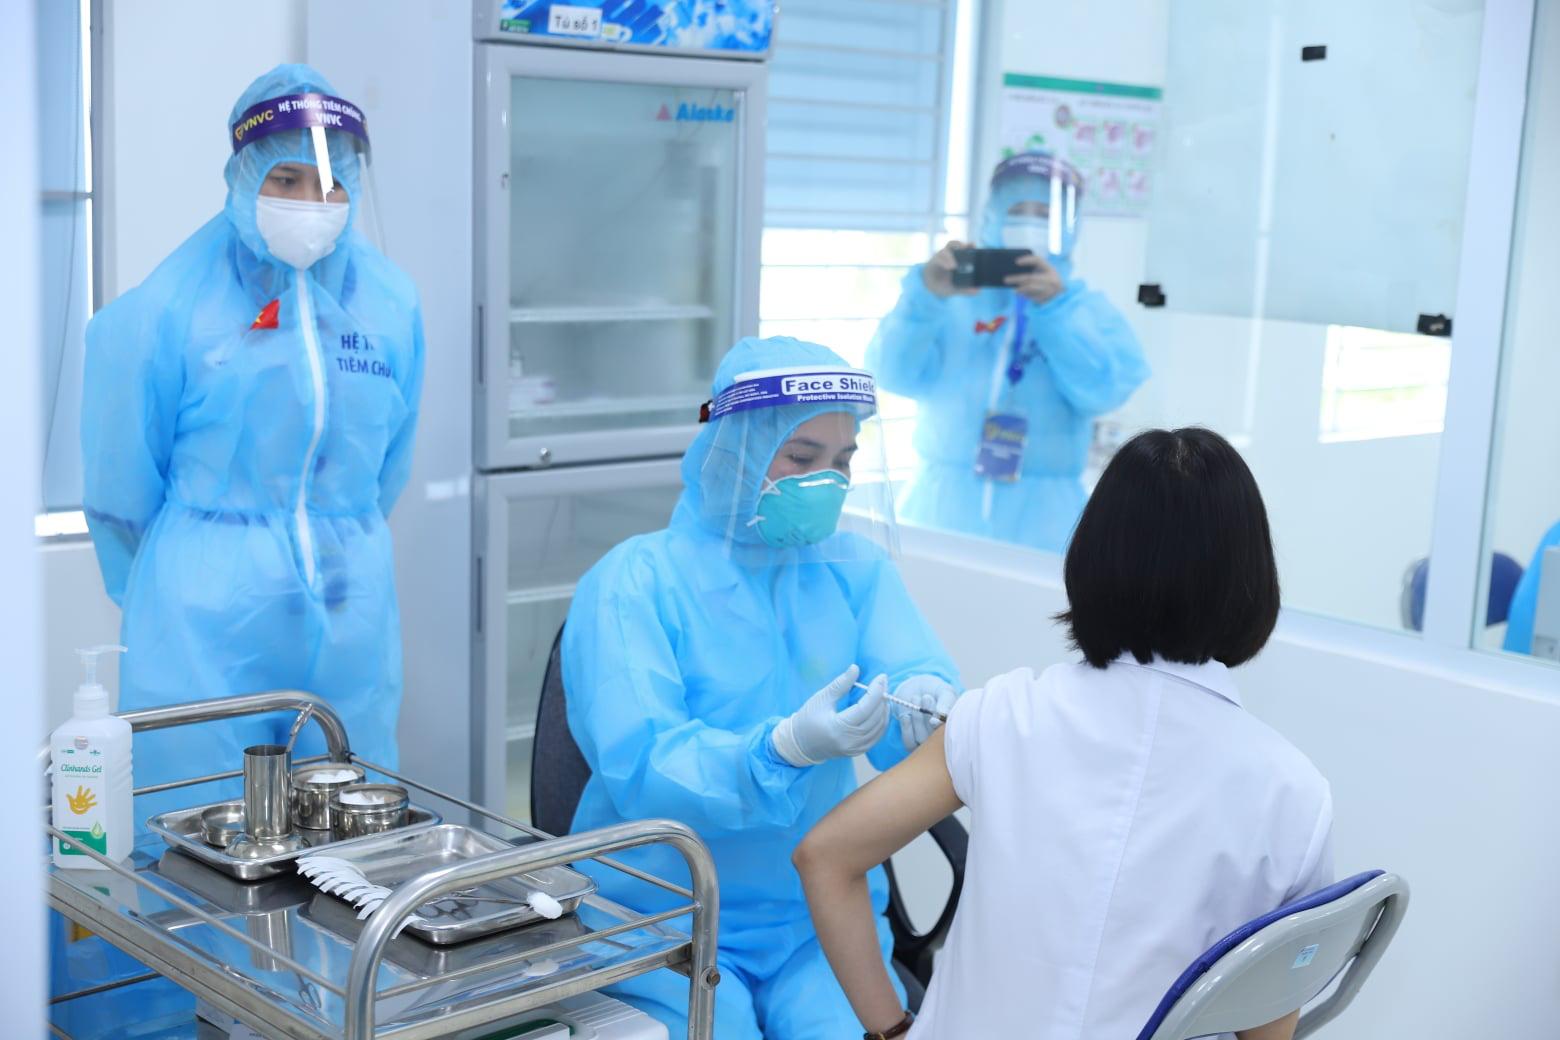 Thêm 4 ca Covid-19 mới, gần 44.300 người được tiêm vắc xin - Ảnh 1.